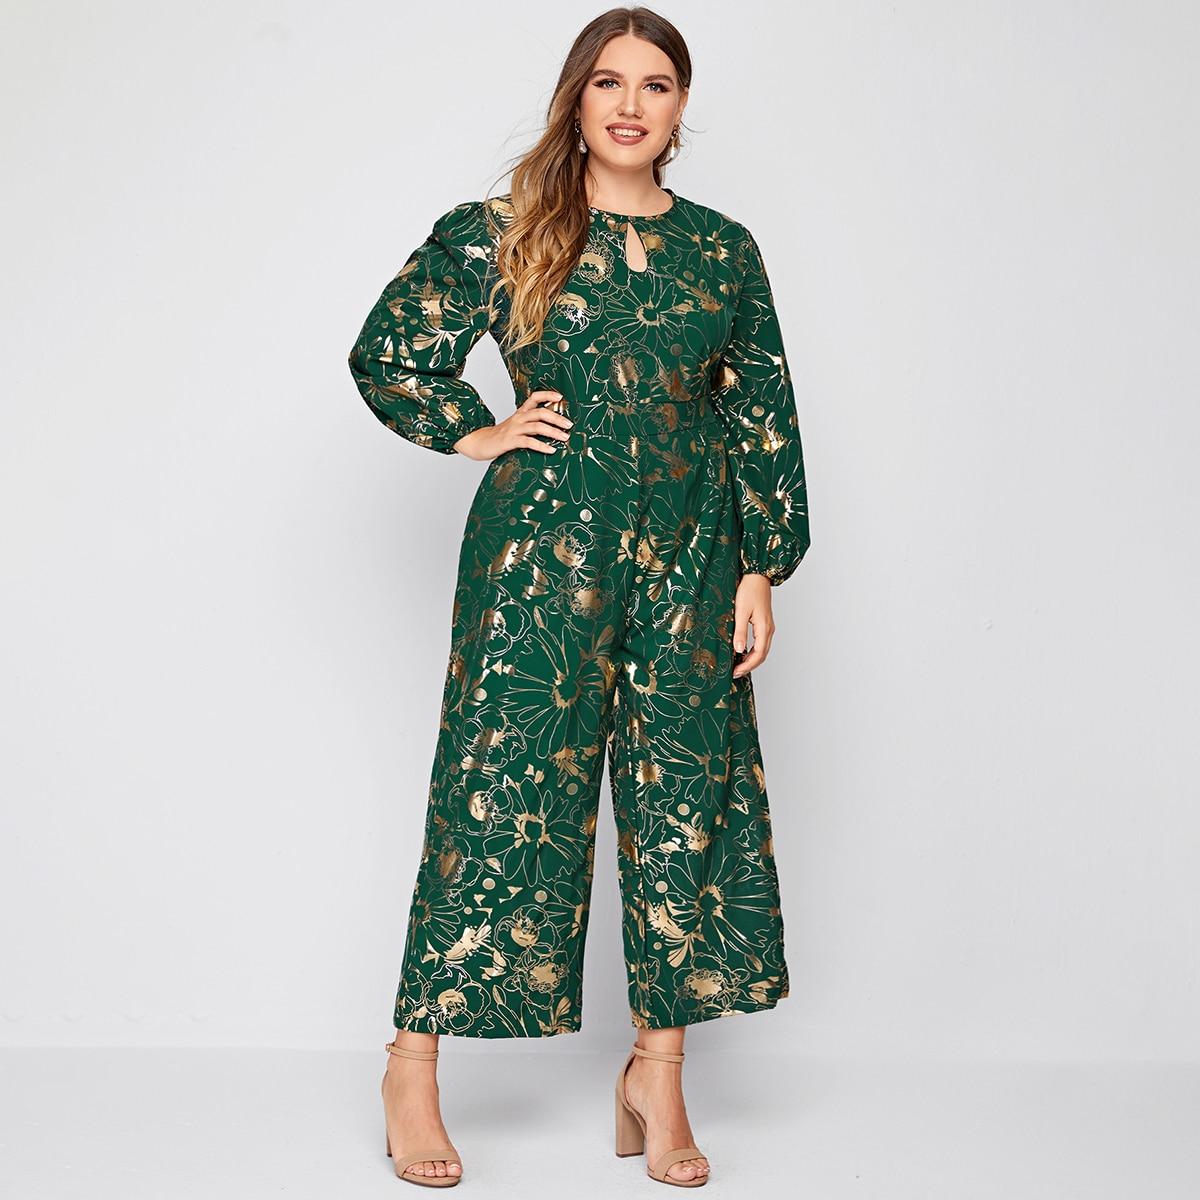 SHEIN / Culotte Jumpsuit mit Blumen Muster und Schlüsselloch Kragen